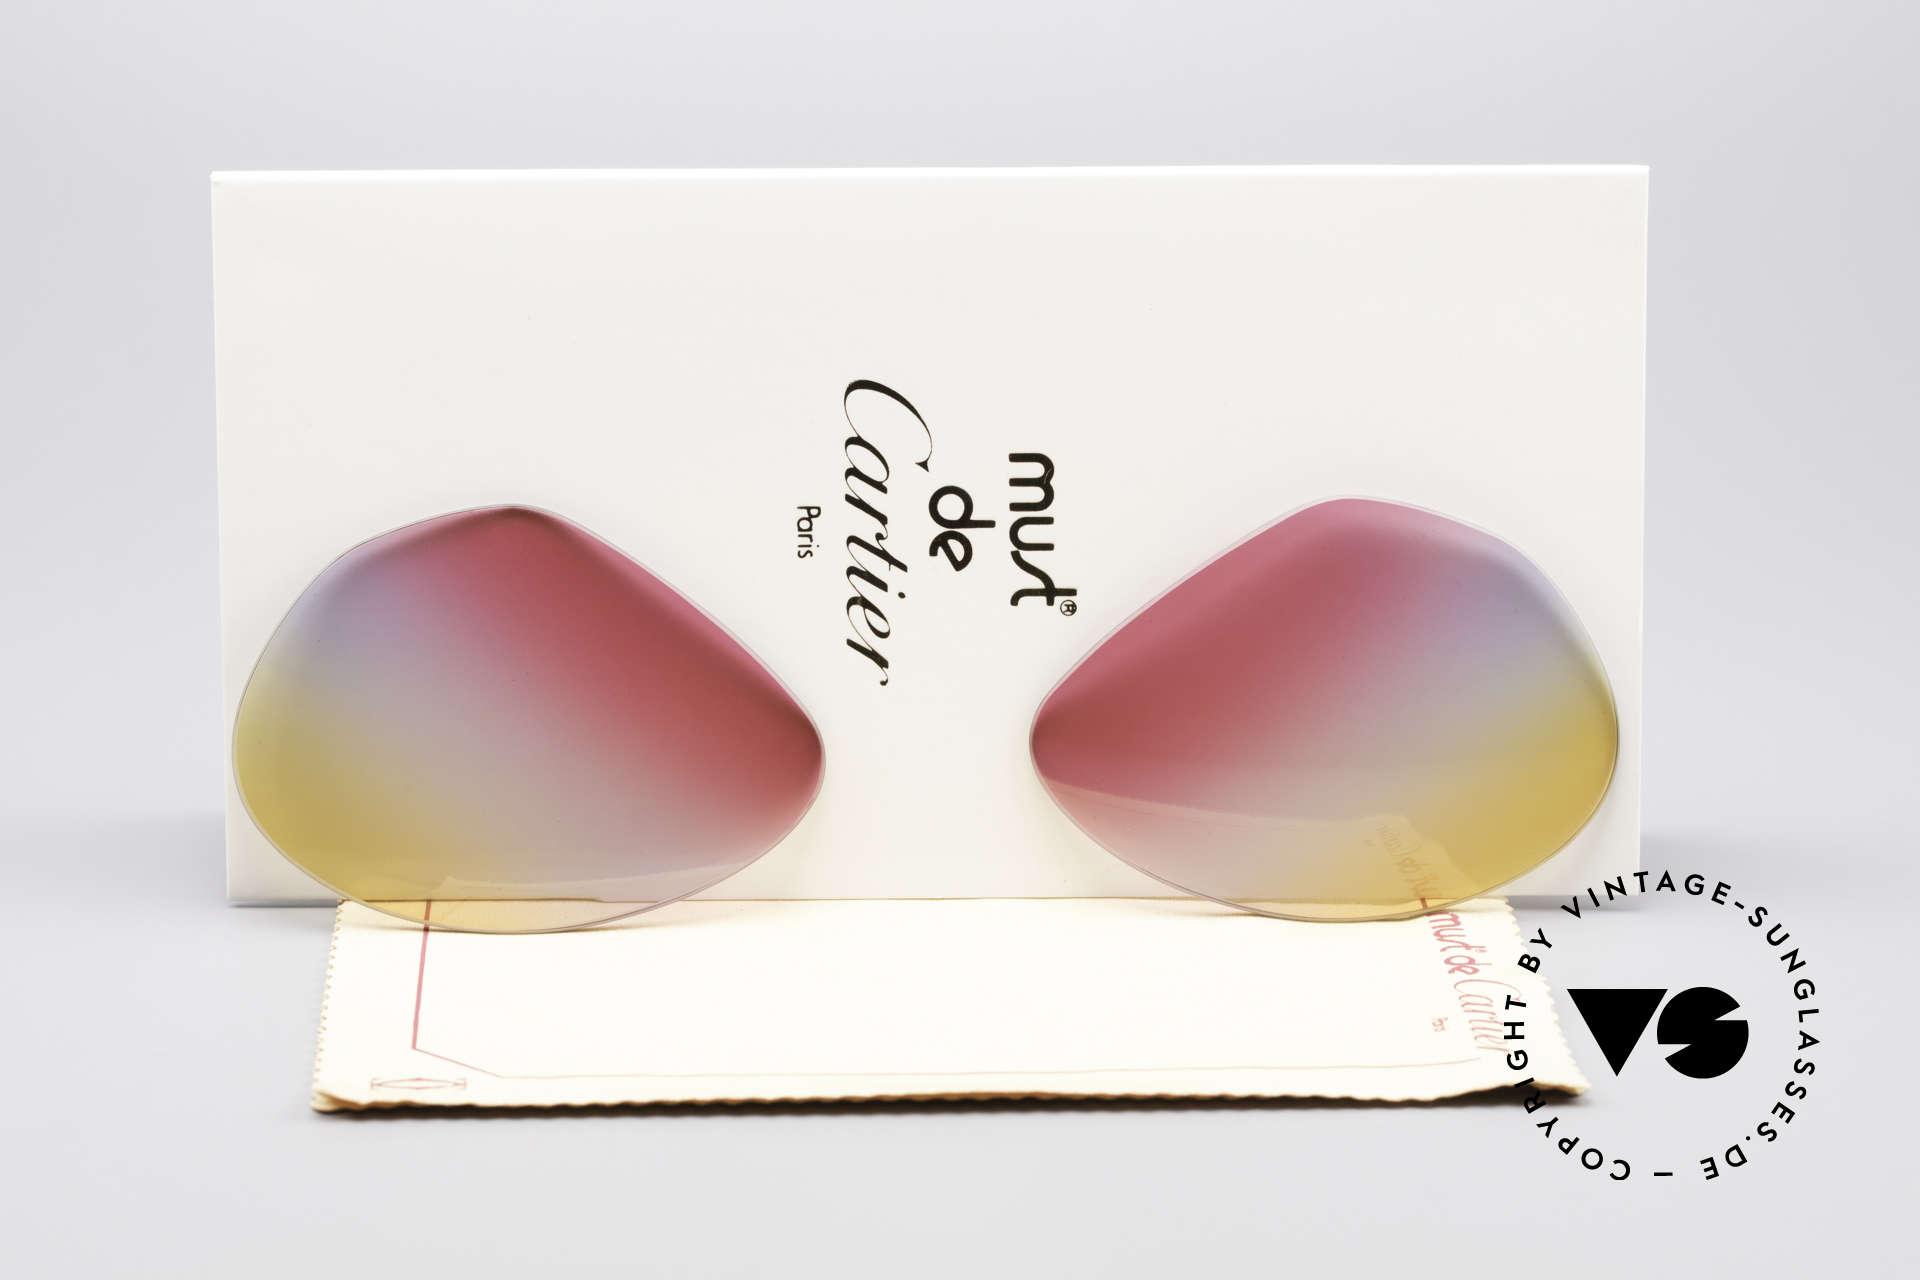 Cartier Vendome Lenses - L Tricolored Sunrise Gläser, Ersatzgläser für Cartier Modell Vendome LARGE 62mm, Passend für Herren und Damen